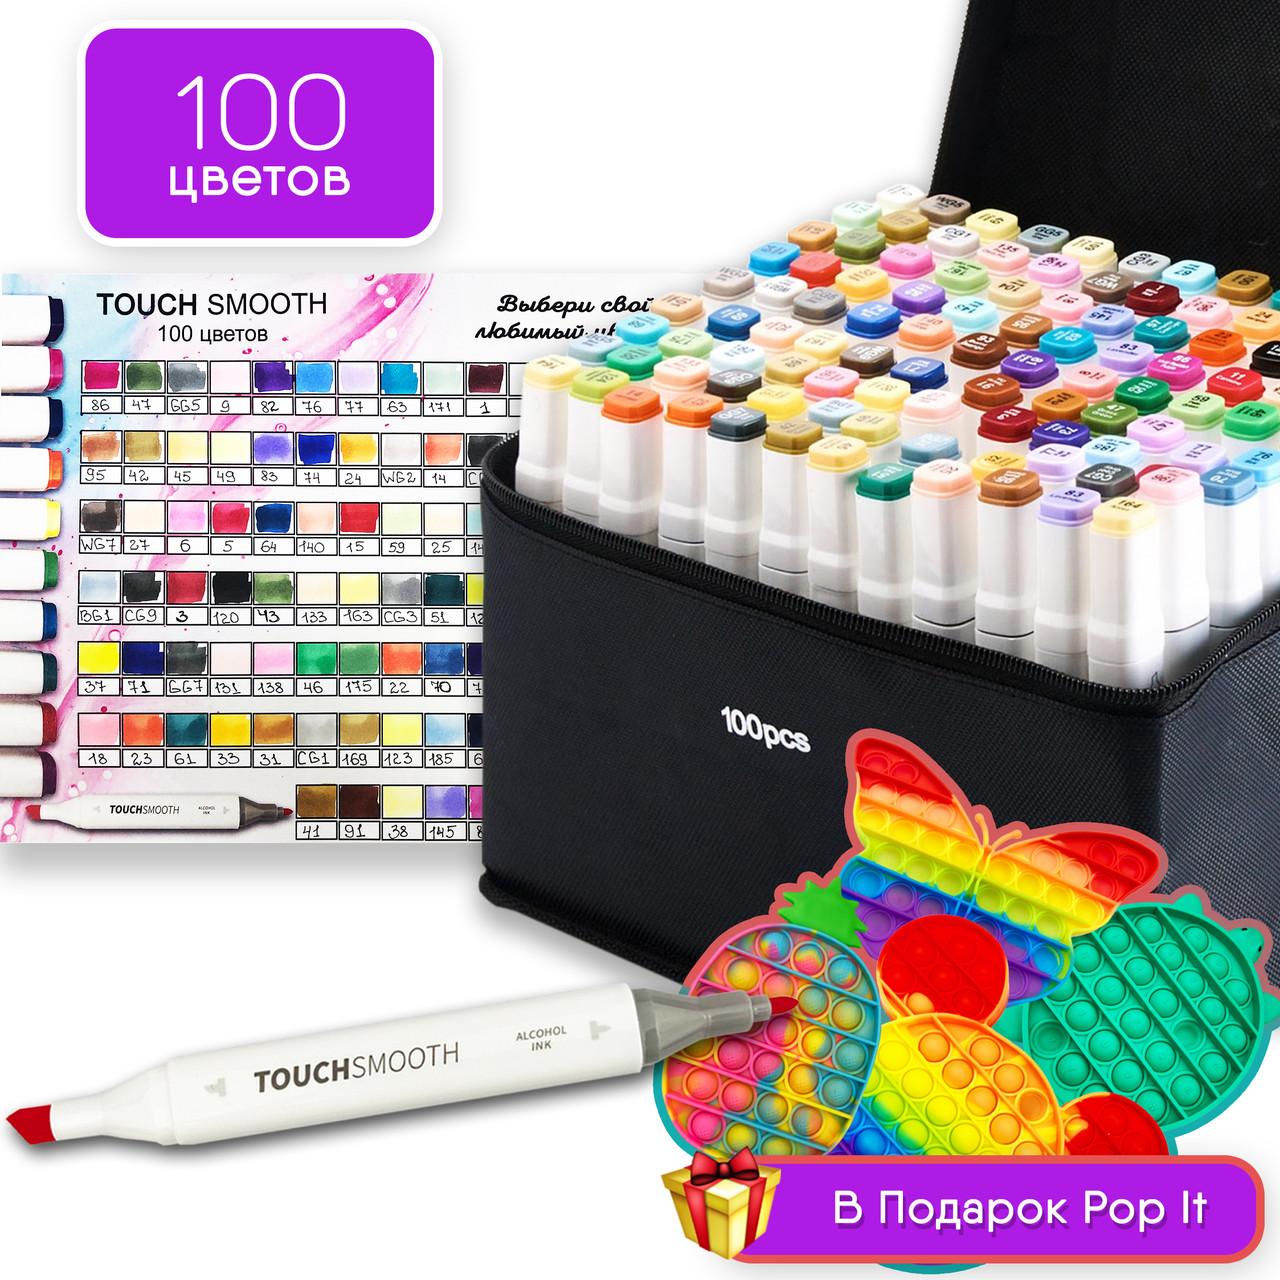 Набір двосторонніх маркерів Touch Smooth для малювання і скетчинга 100 шт + ПОП ІТ